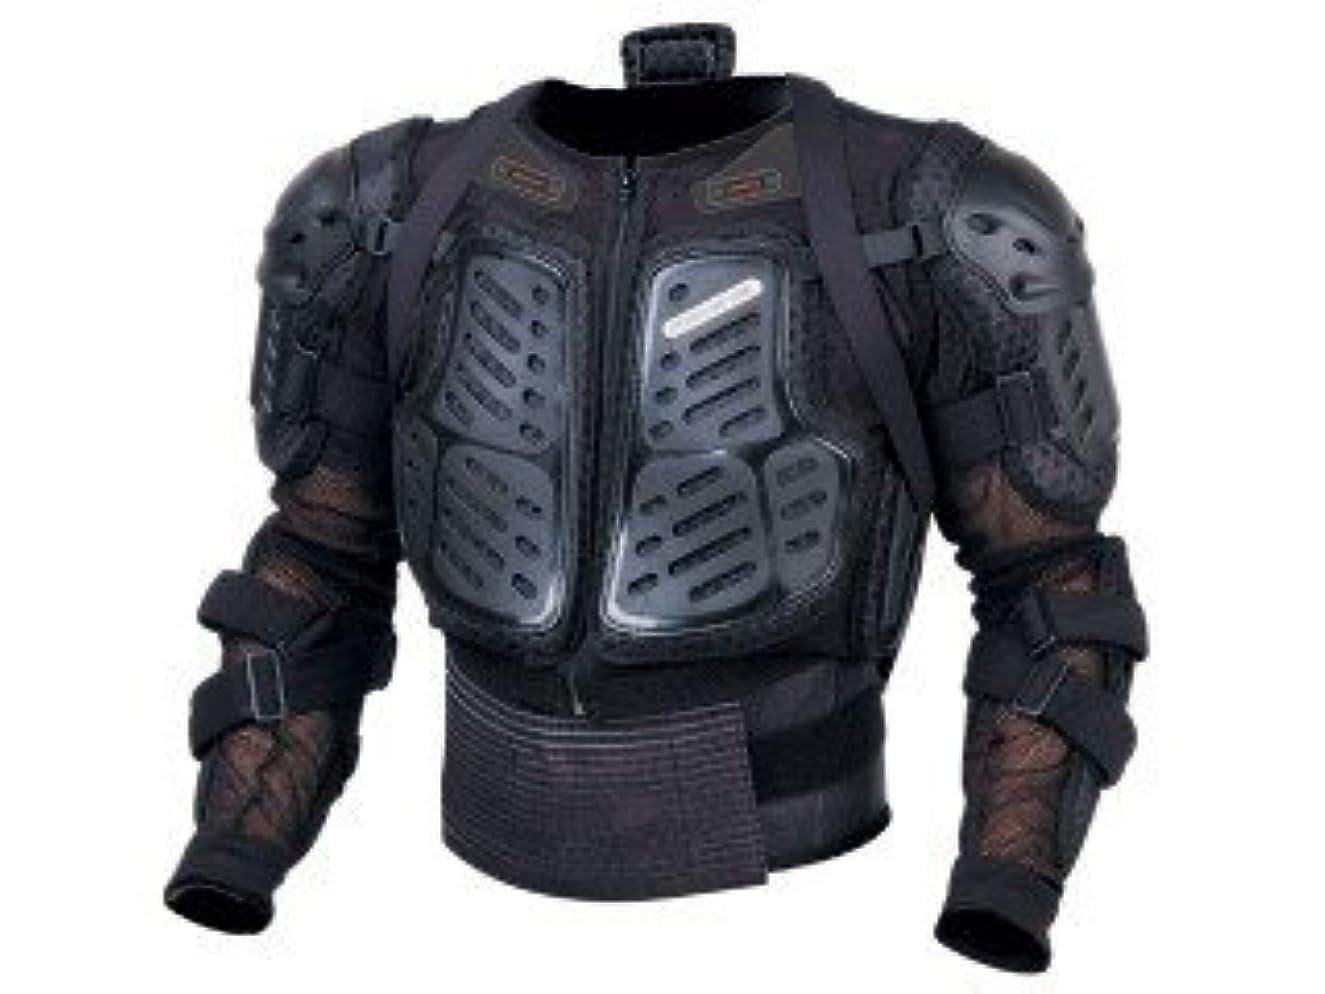 推測する消去受付[QIHANG]バイク用 胸部プロテクター ブラック オートバイプロテクター メッシュ構造 通気 上半身保護 胸、背中、椎骨のガード 調整可能 マジックテープ S/M/L 大きい対応 プロテクター 黒い M